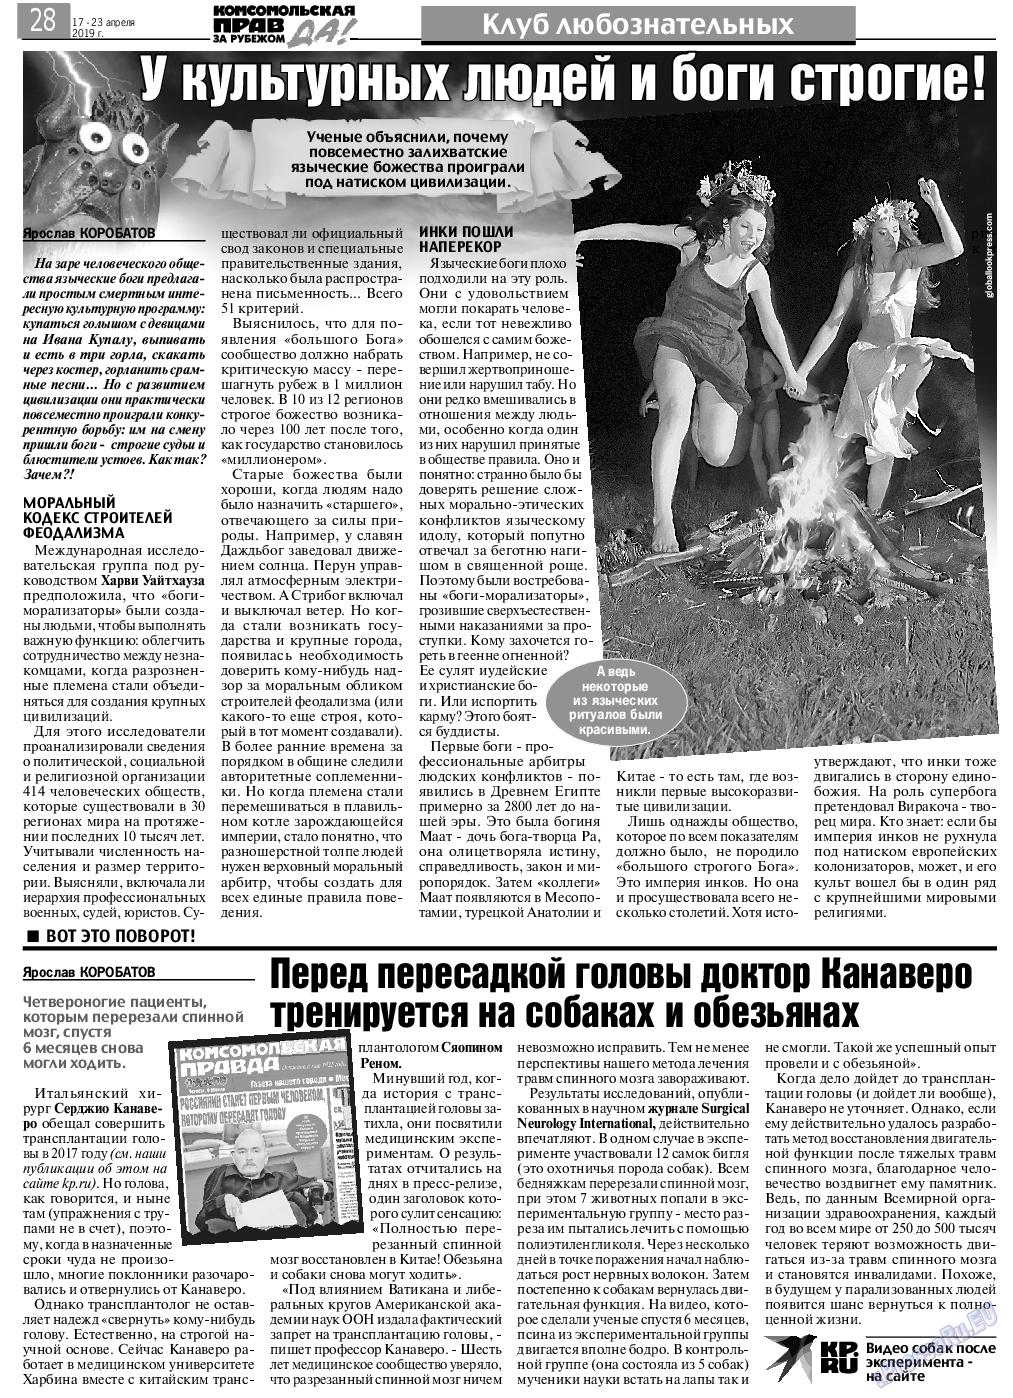 КП в Европе (газета). 2019 год, номер 16, стр. 28